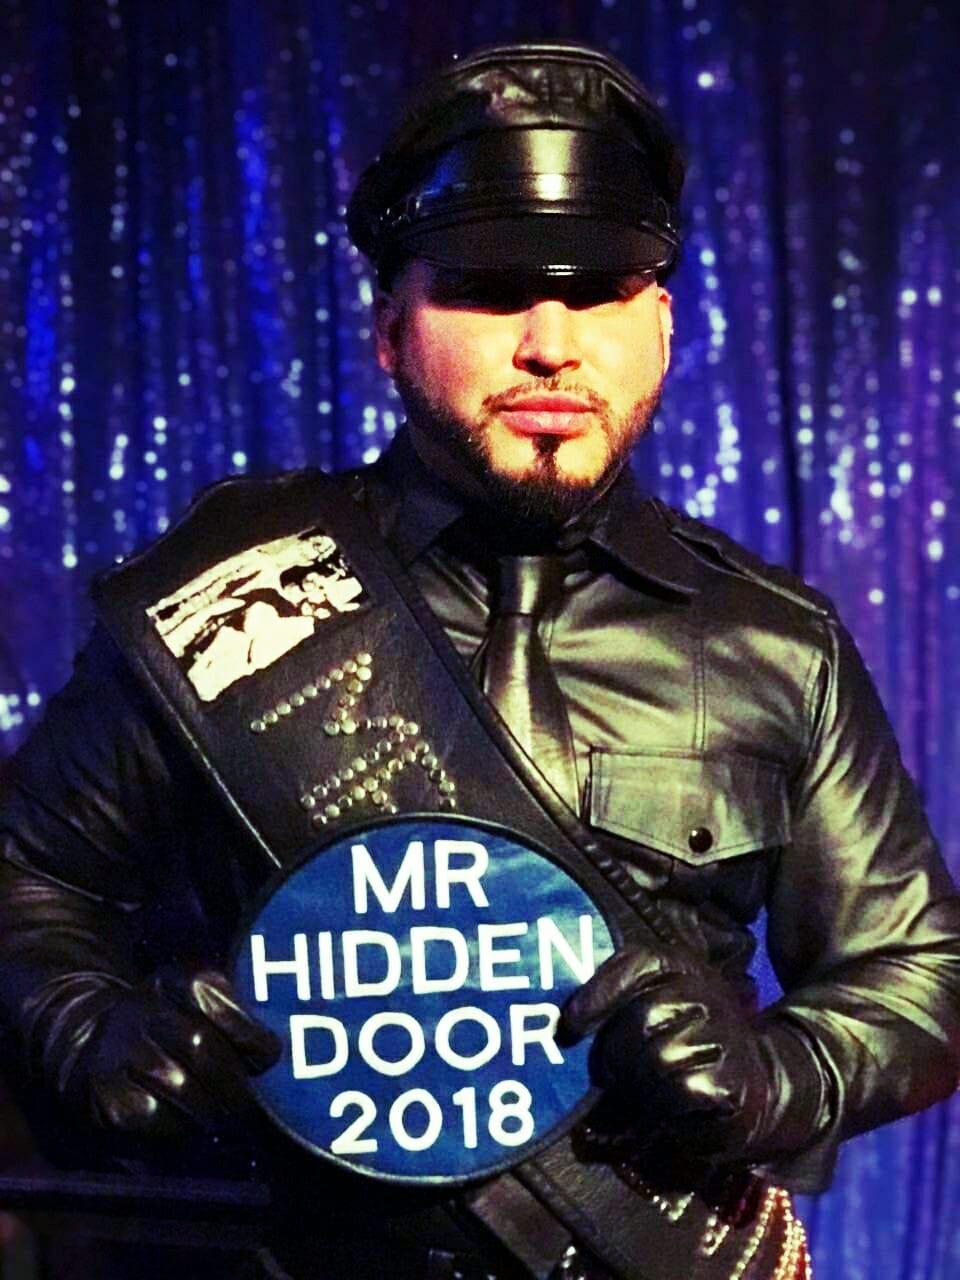 Say hello, sir, to Mr. Hidden Door 2018